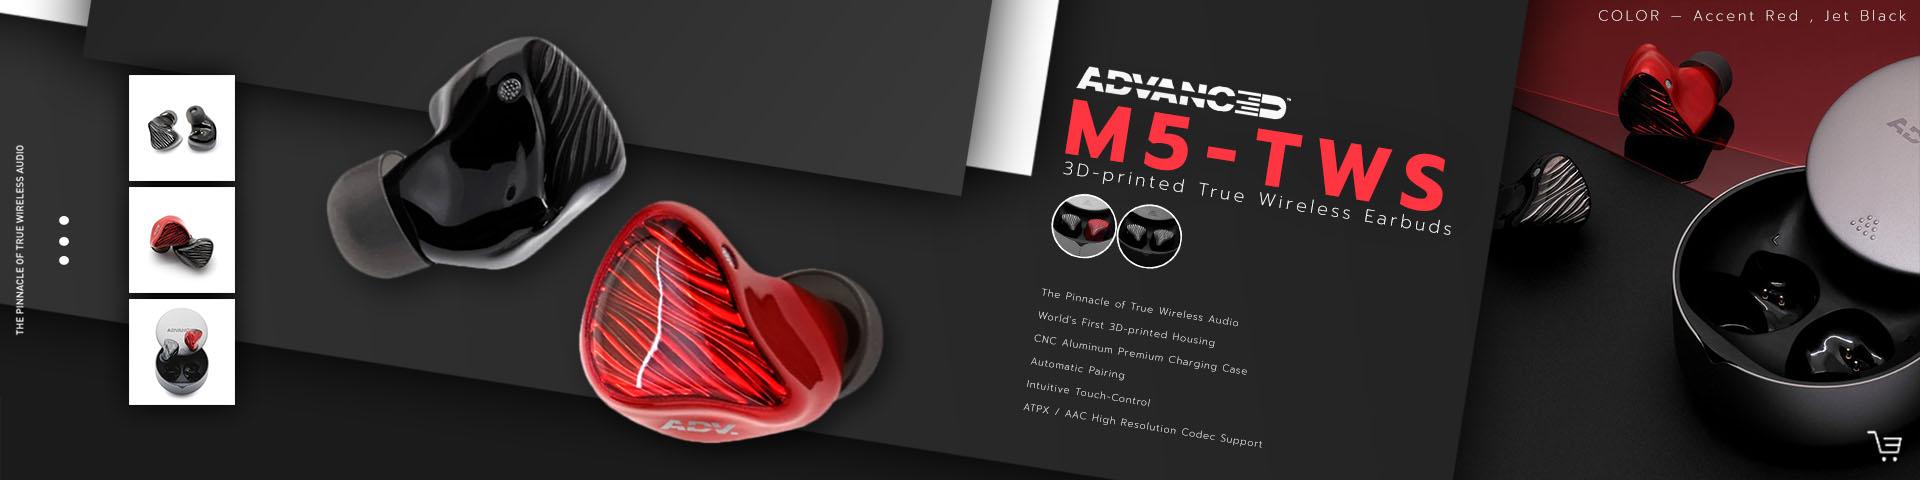 M5-TWS